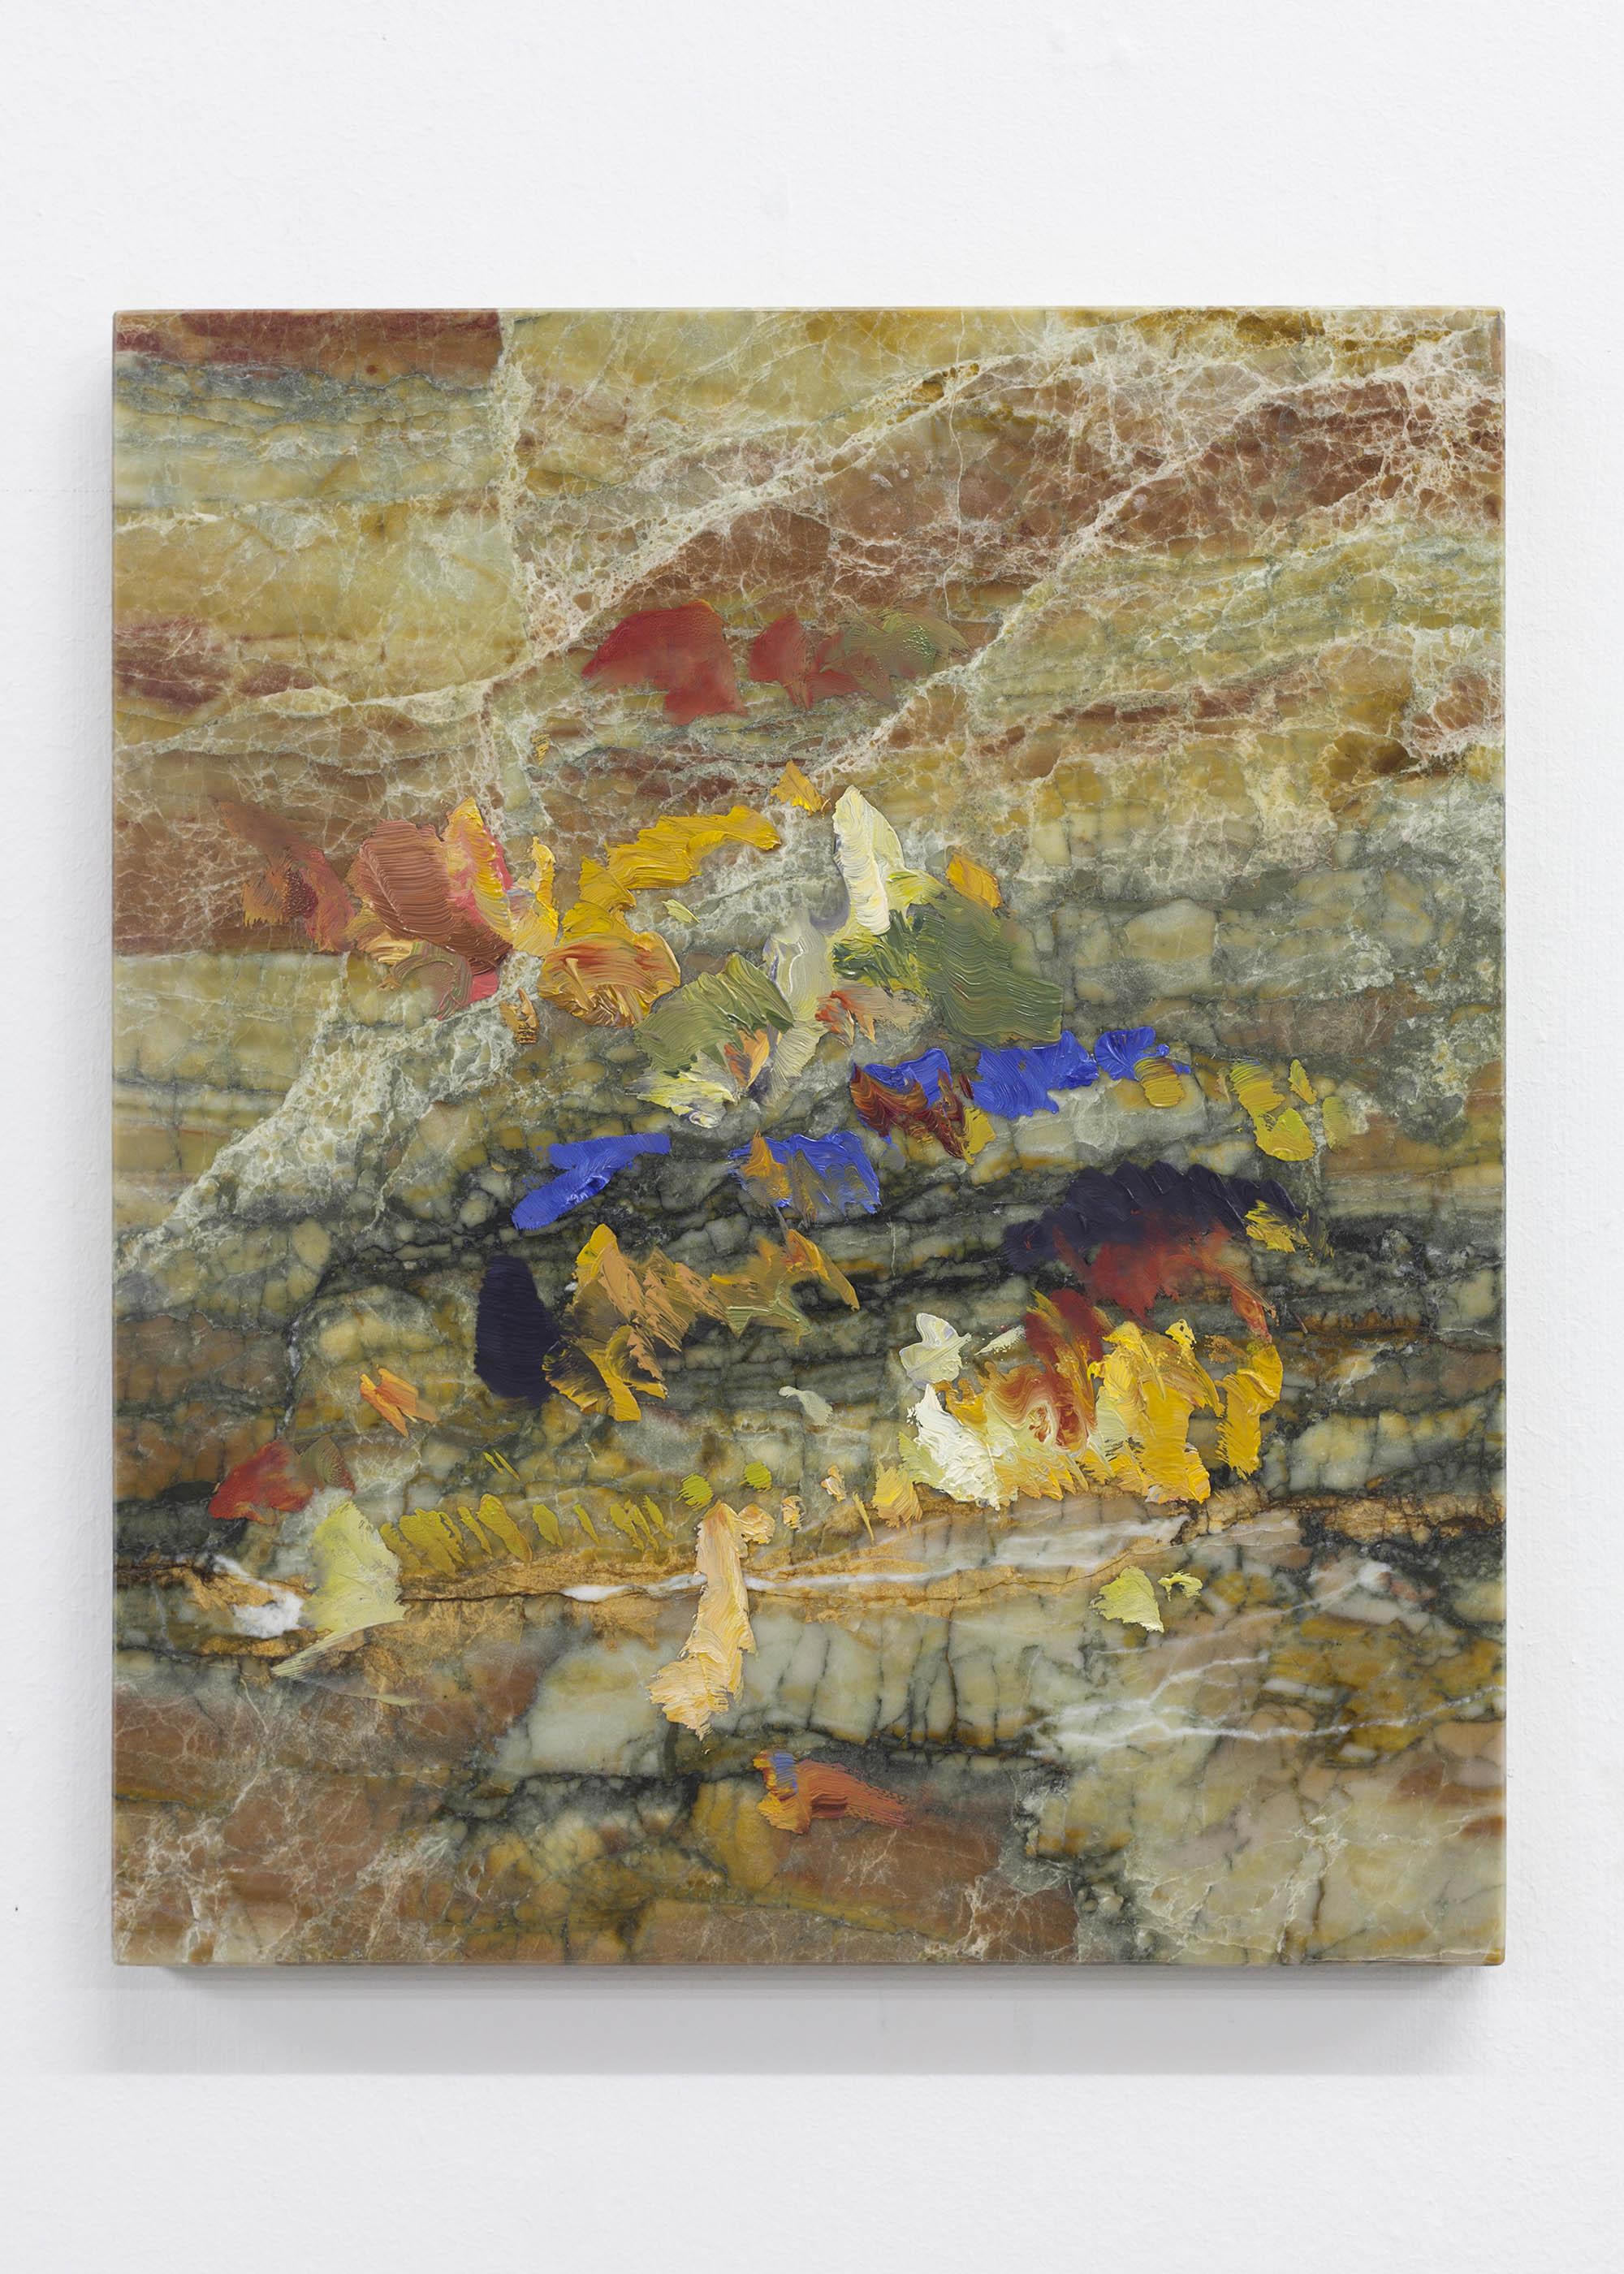 13- Pieter Vermeersch at Carl Freedman Gallery London